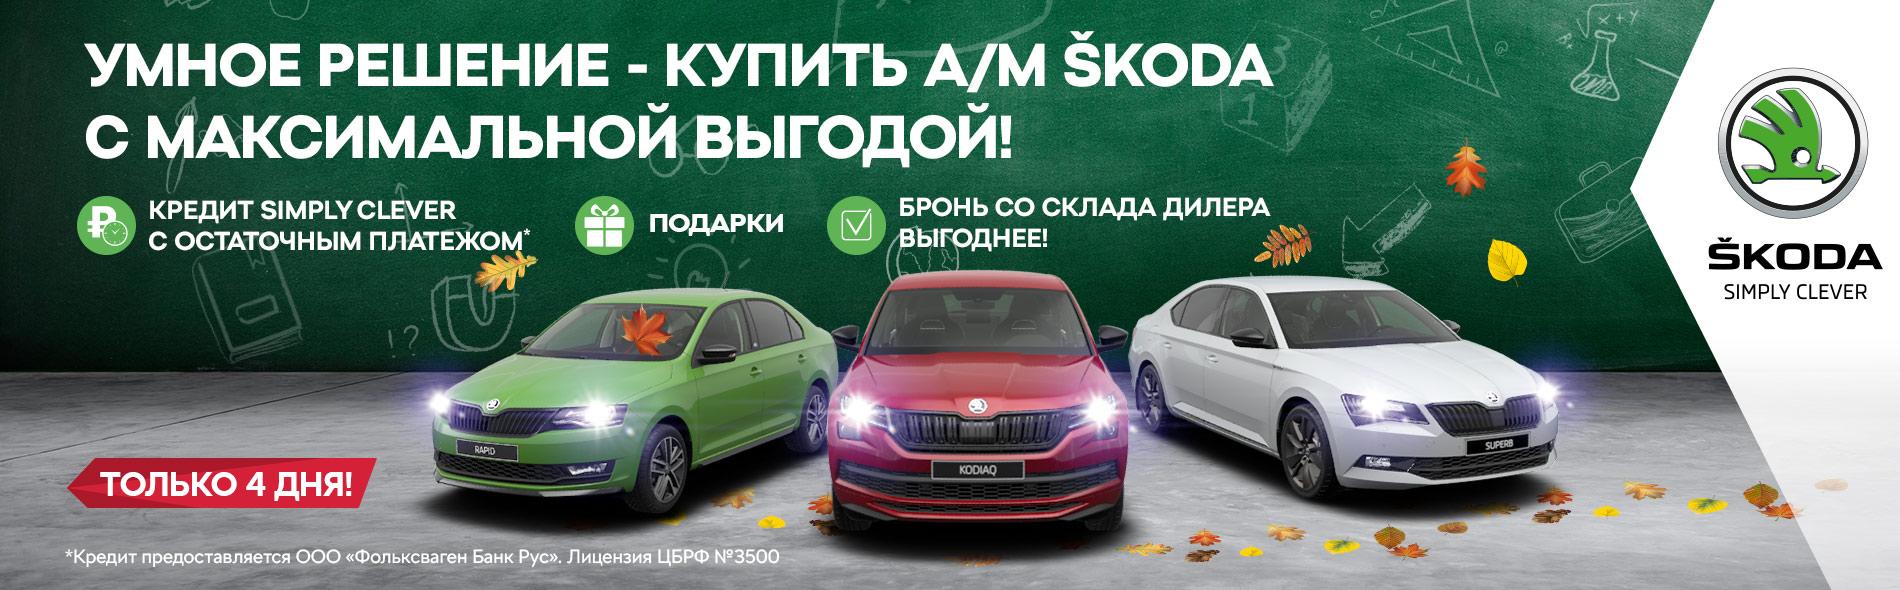 Купить авто в краснодаре в автосалоне в кредит лада